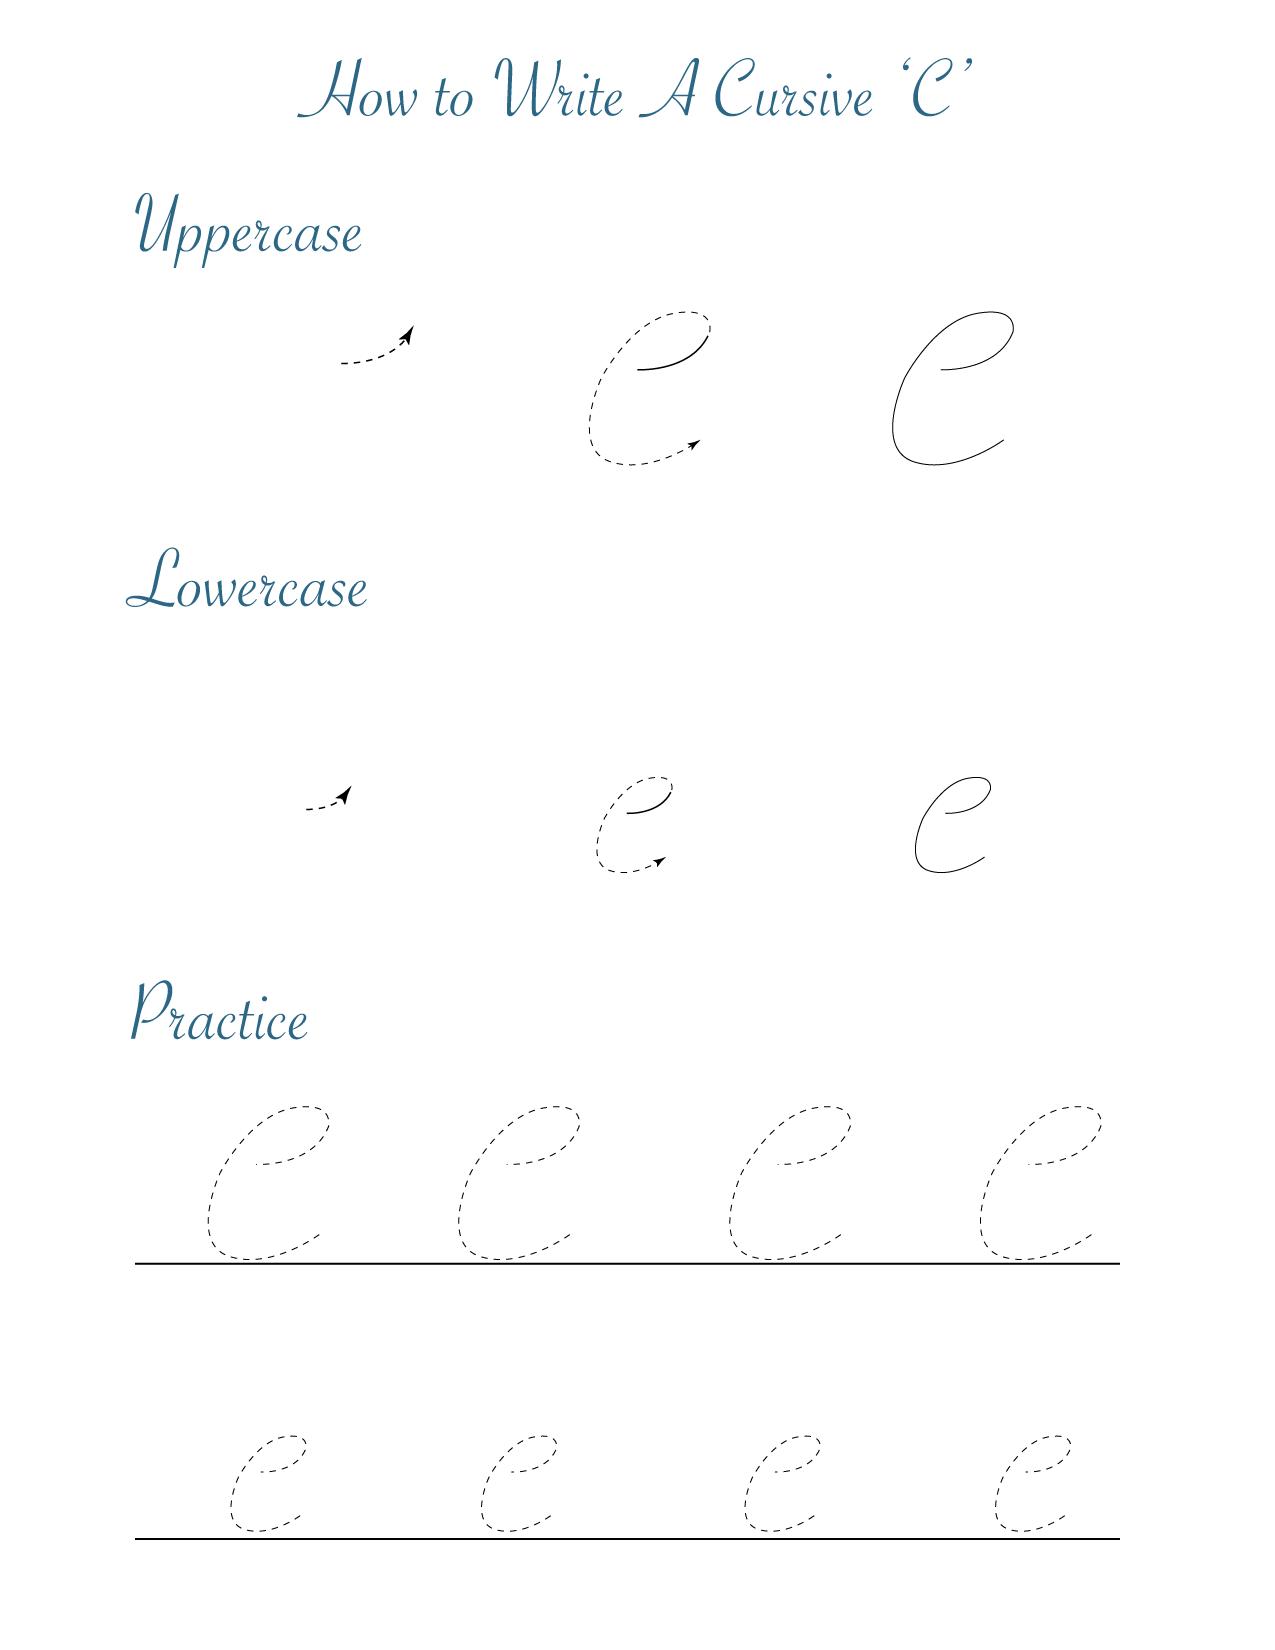 How to write a cursive 'c'